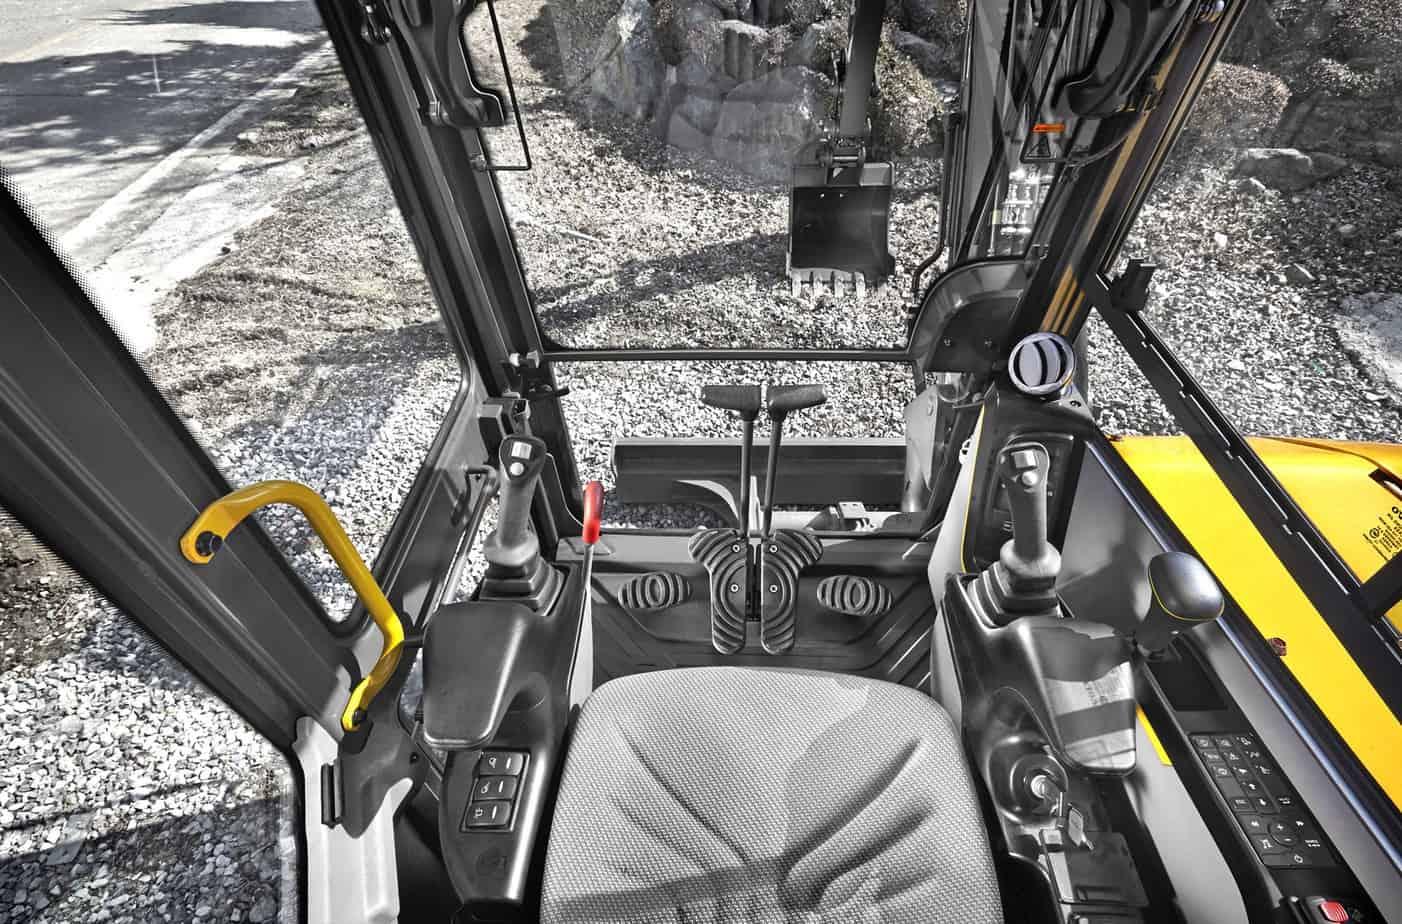 La visibilità a 360°, possibile grazie agli stretti montanti e alle ampie superfici vetrate, rappresenta il nucleo progettuale della cabina, che è certificata Rops, dispone di isolamento alle vibrazioni, comandi ergonomici e sedile regolabile, per aumentare il comfort, ridurre l'affaticamento e aumentare la produttività